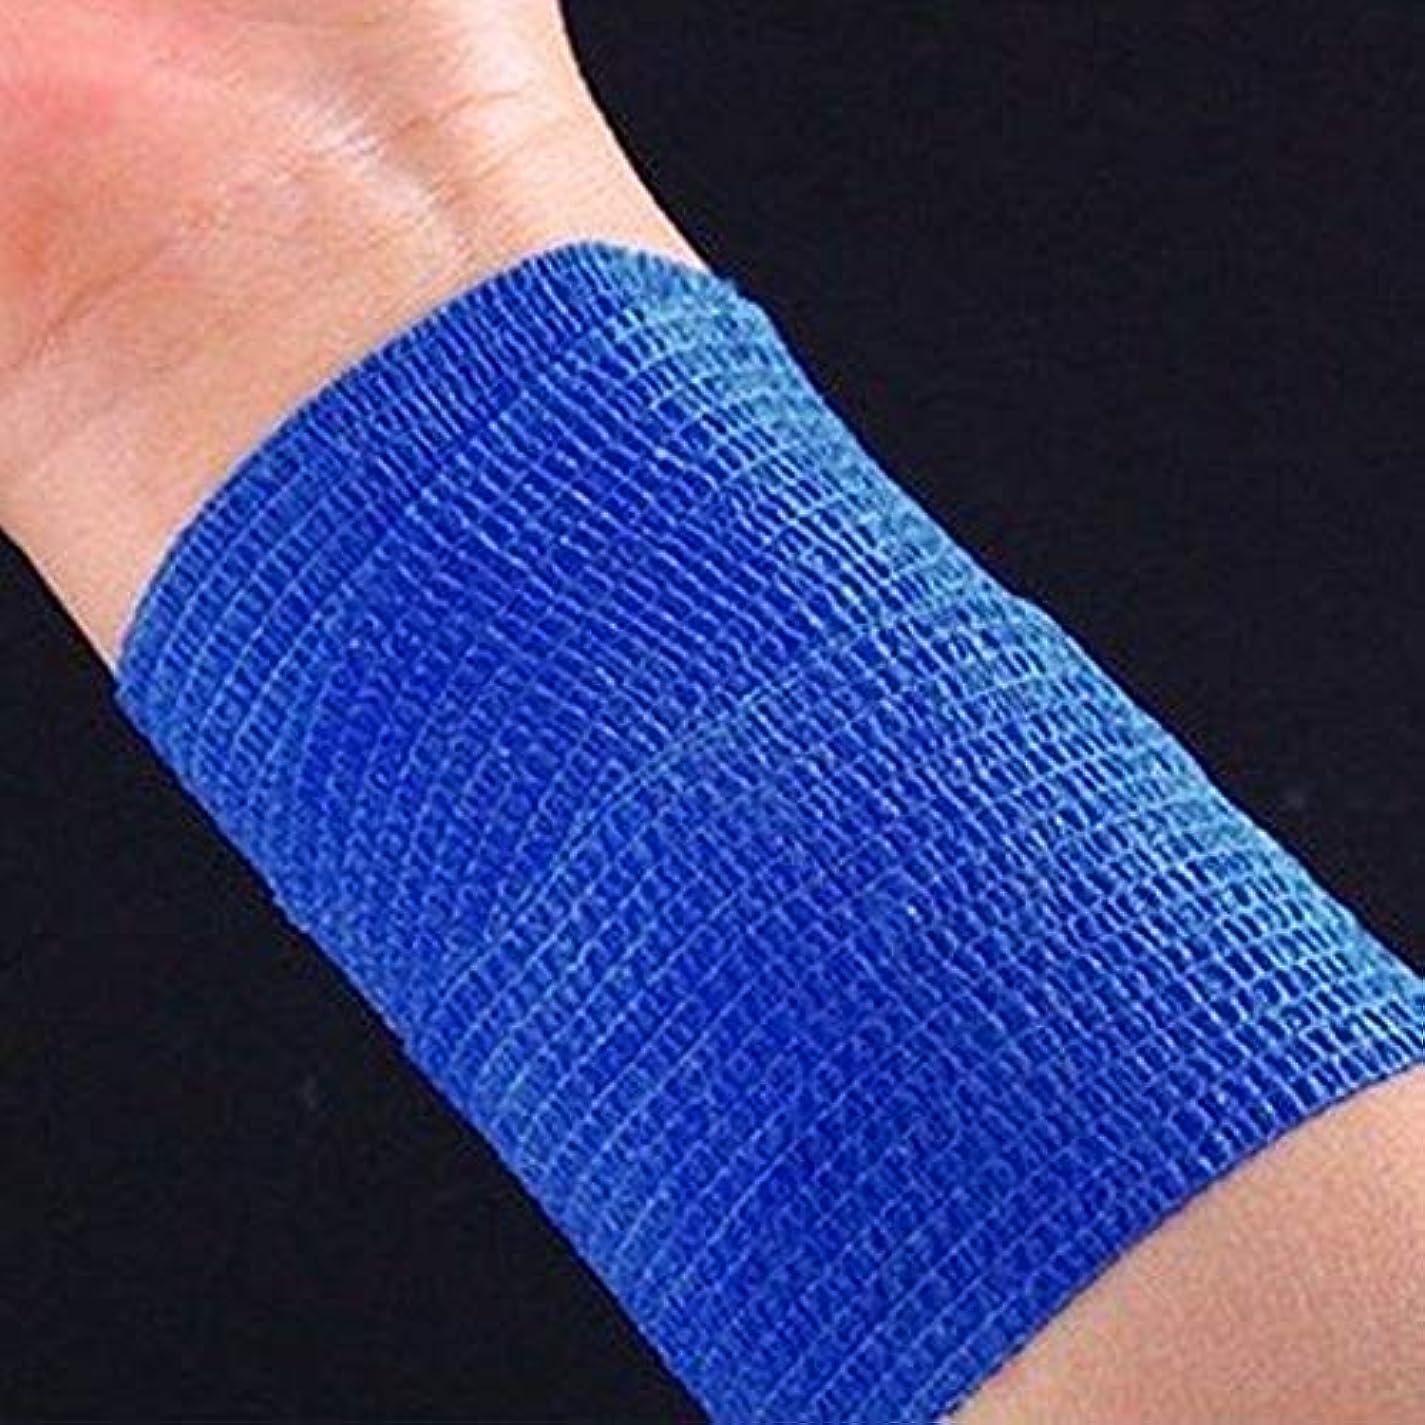 者終わらせる沿ってPichidr-JP 自己接着包帯足首の捻挫、腫れや手首のための2インチの便利な弾性包帯